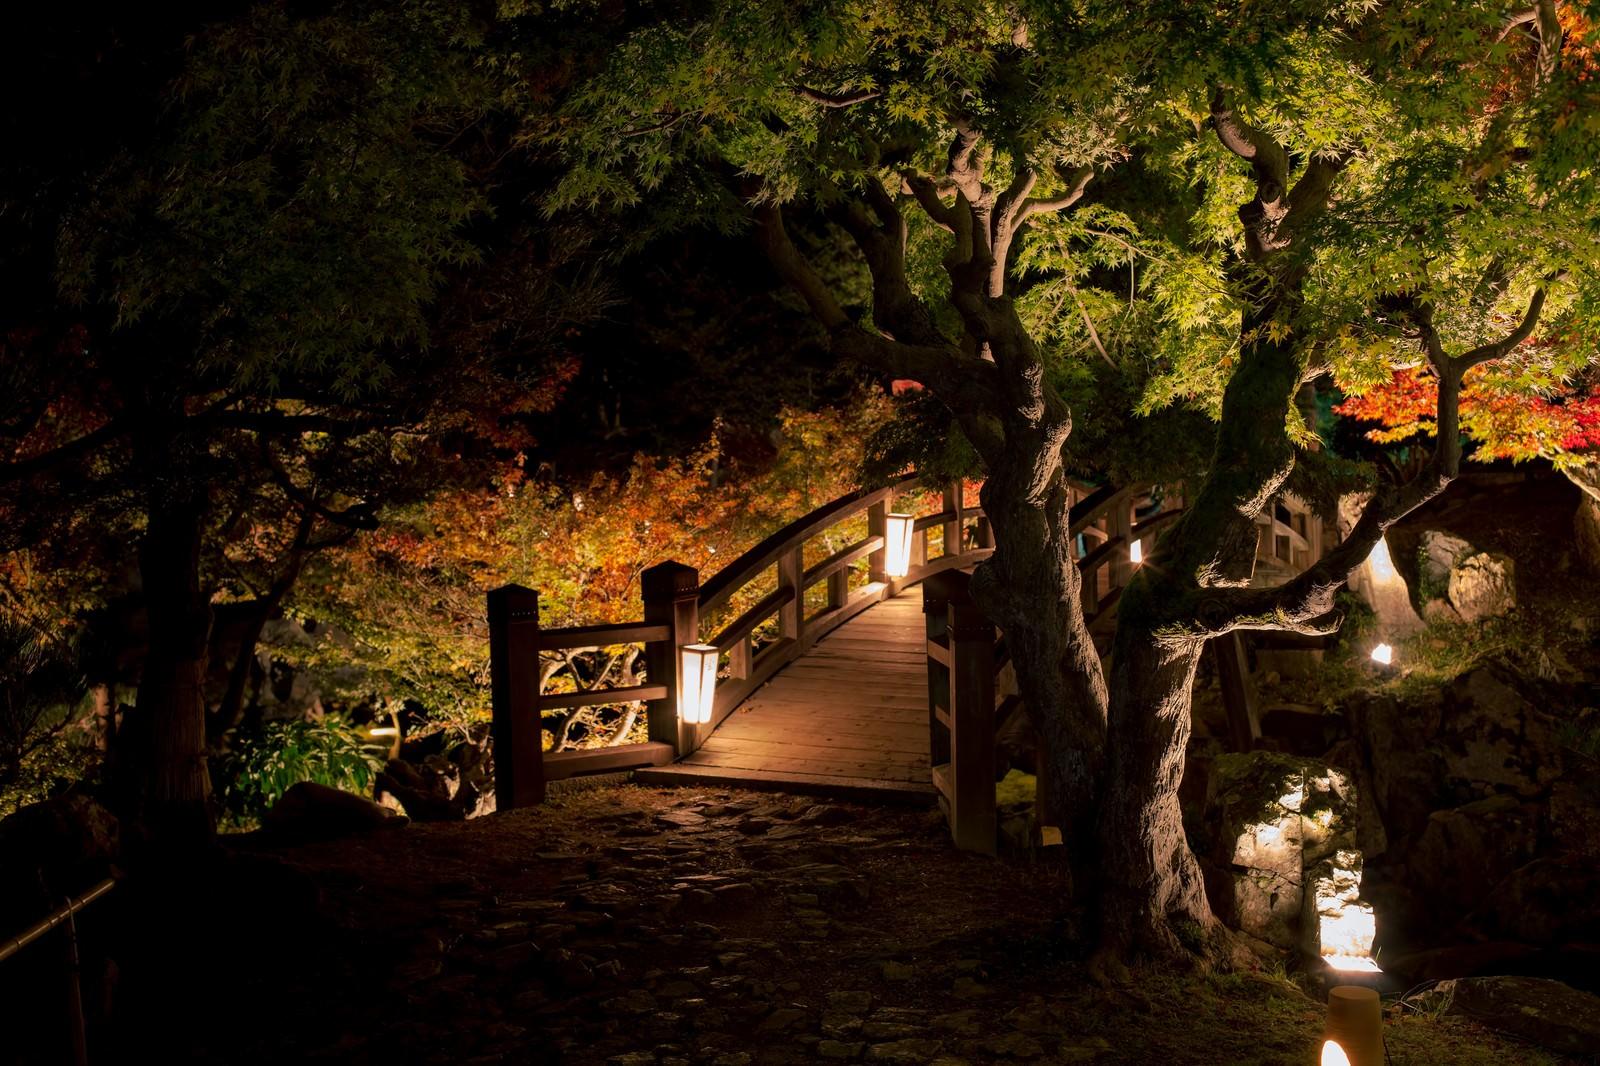 「ライトアップされた橋ライトアップされた橋」のフリー写真素材を拡大